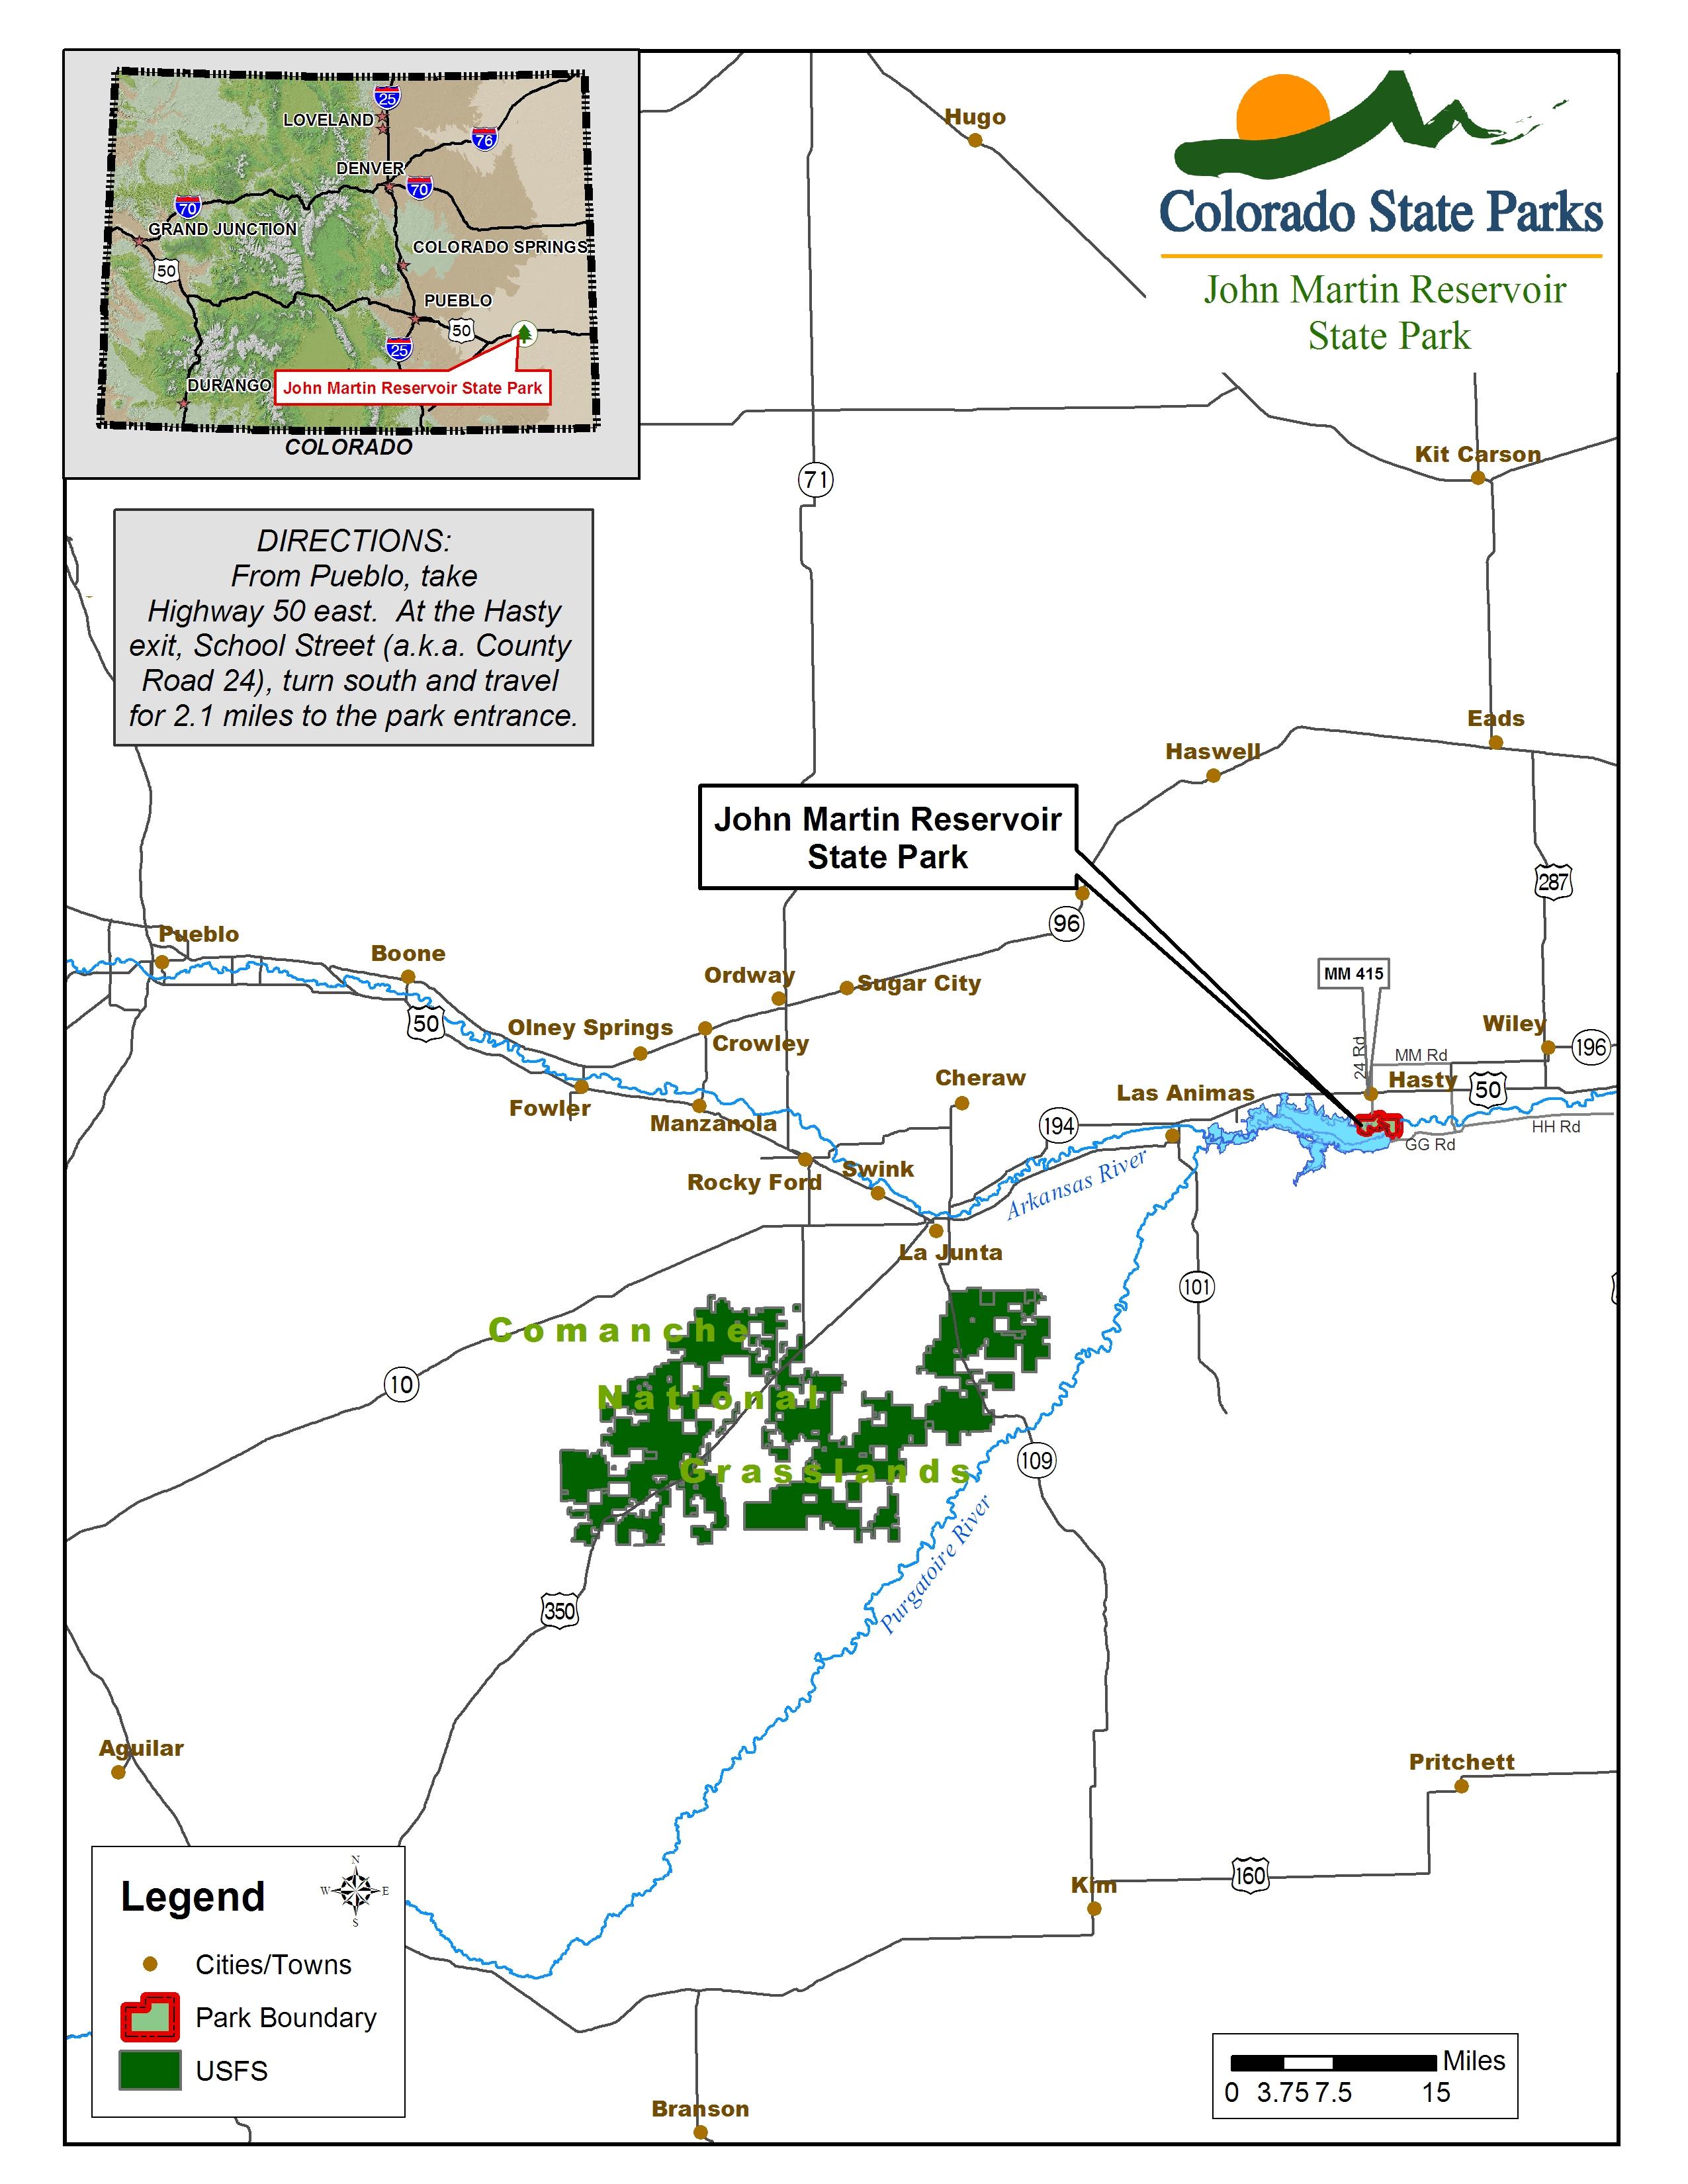 Aguilar Colorado Map.Colorado Parks Wildlife Publications